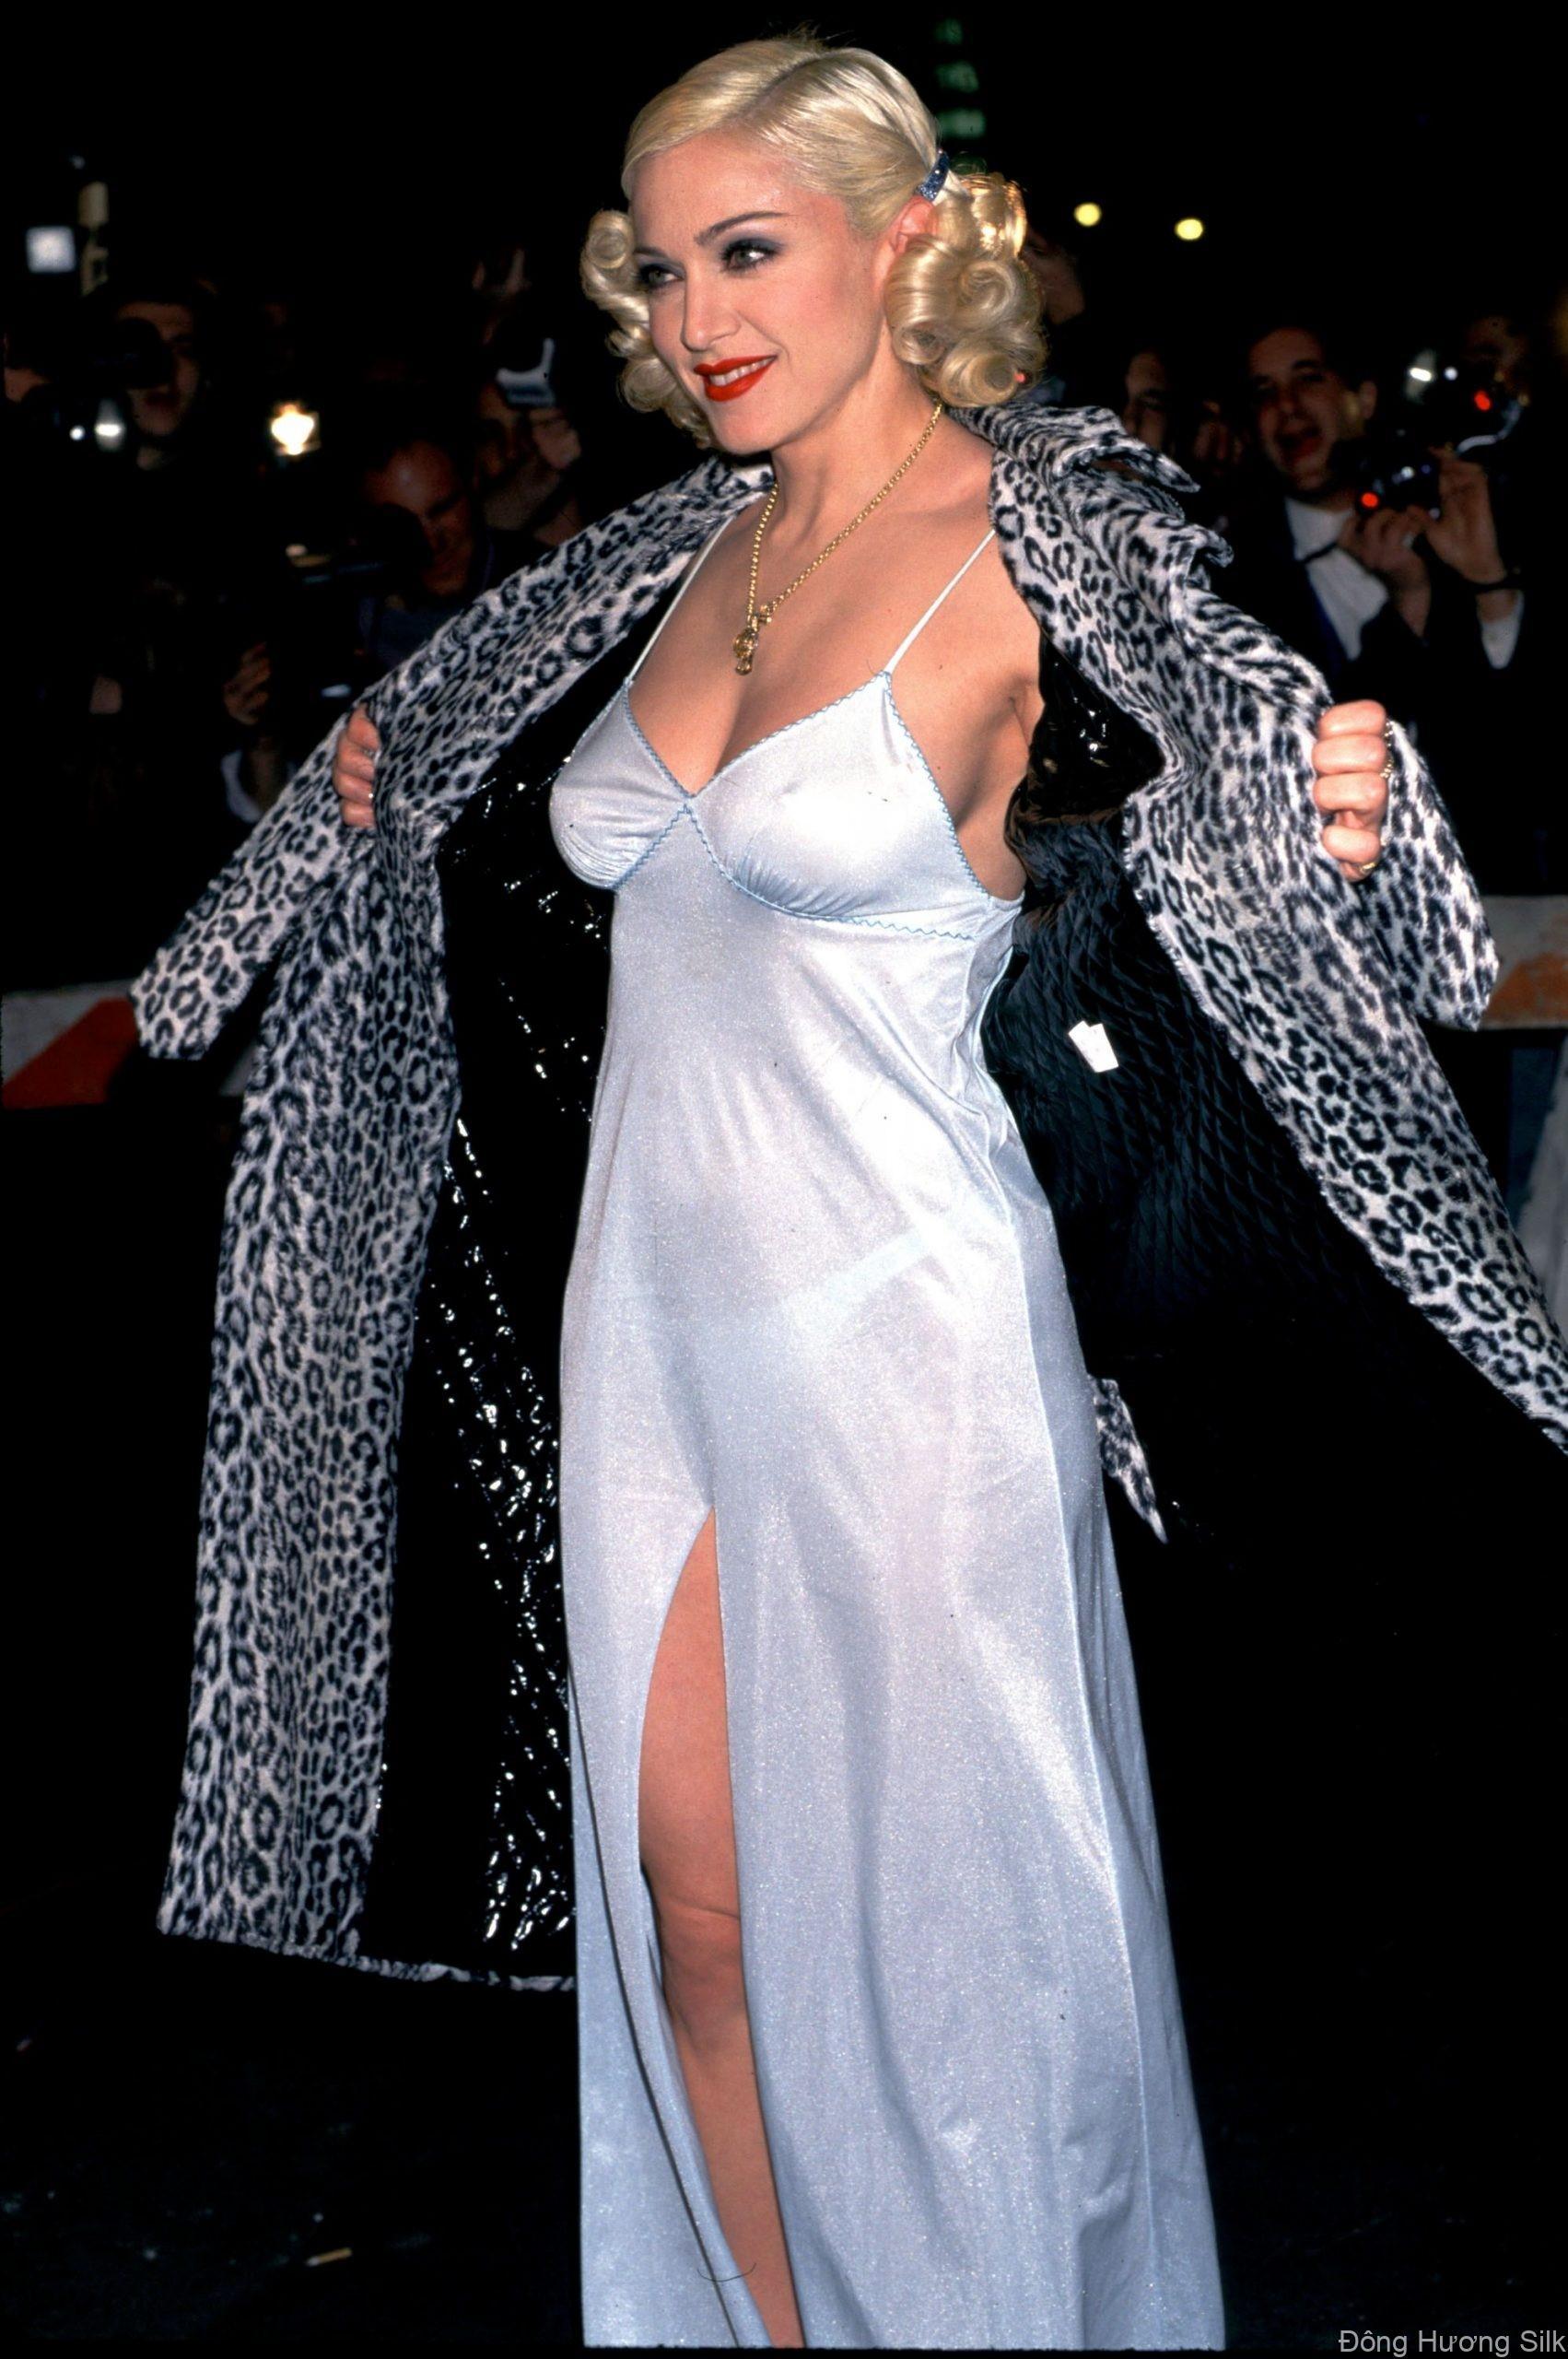 slip-dress-su-hoi-sinh-cua-bieu-tuong-thoi-trang-nhung-nam-2000-3